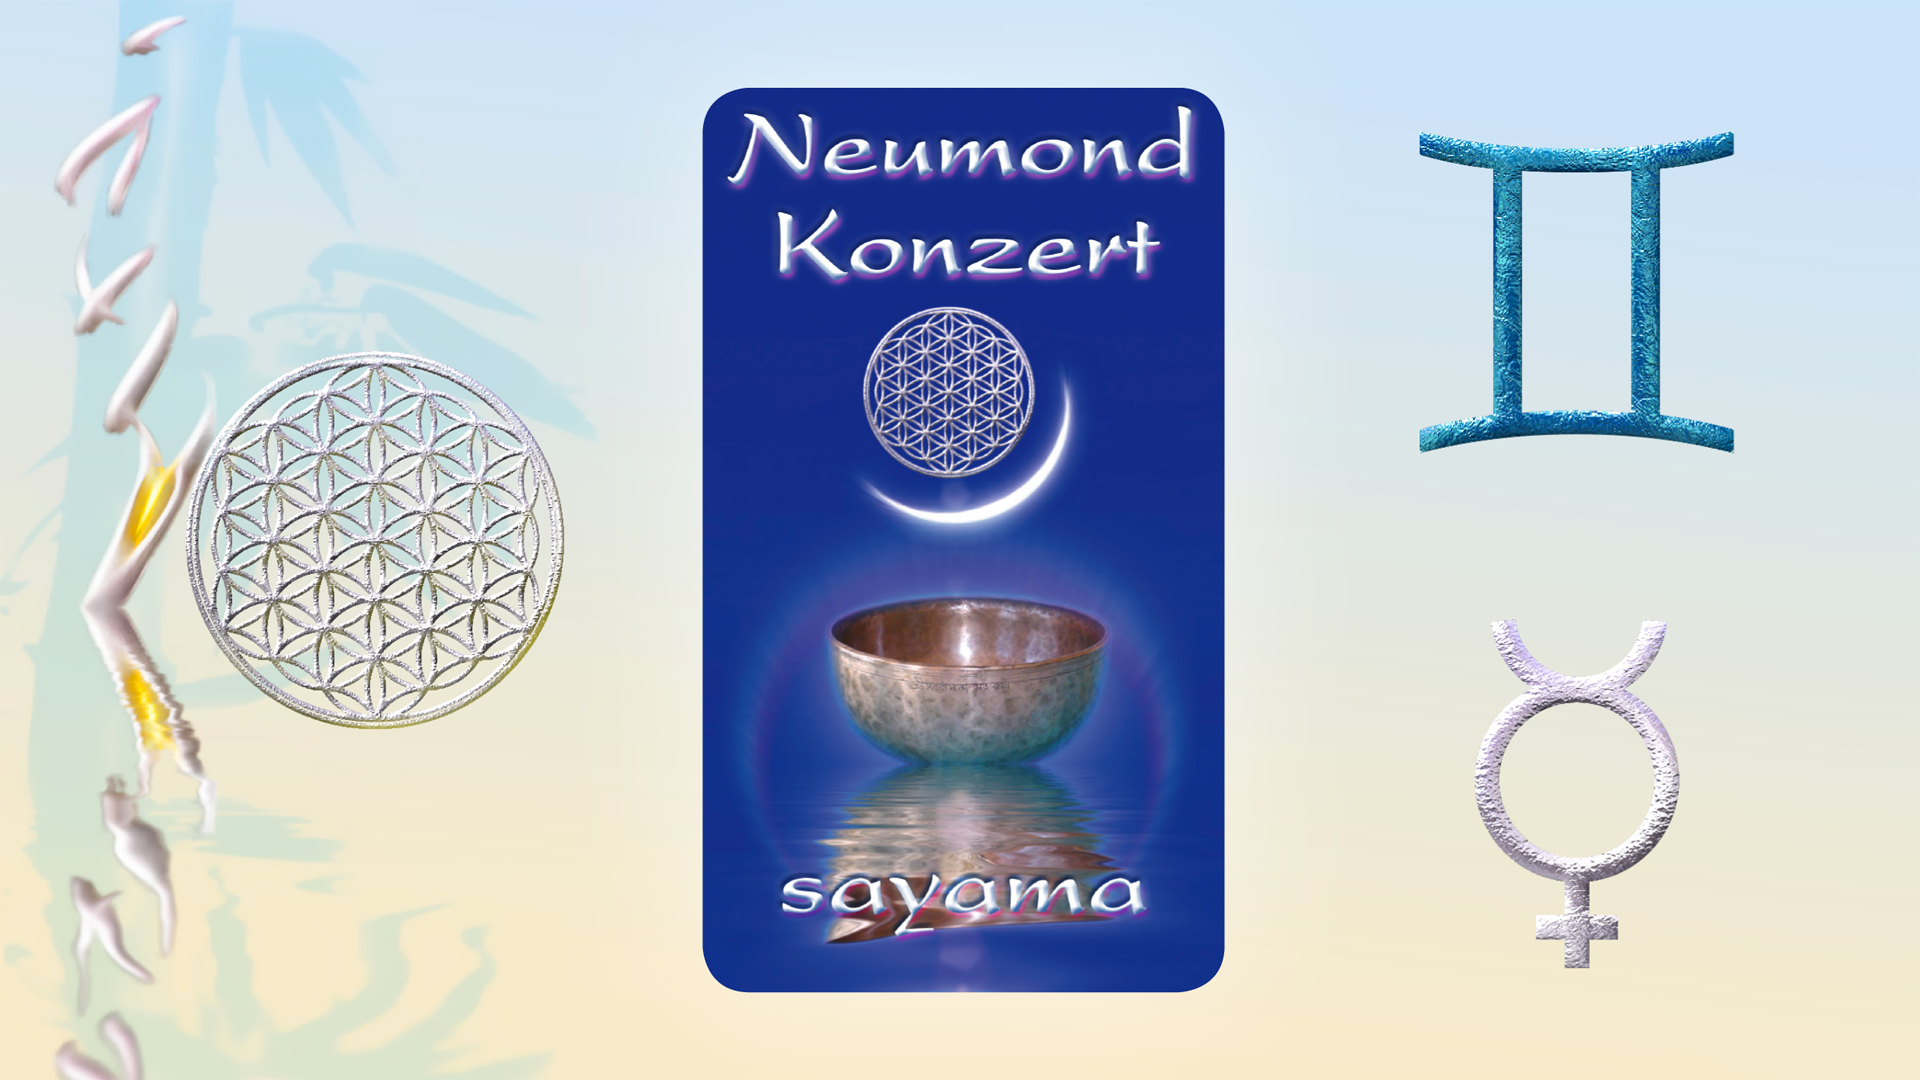 NeuMond~Konzert im Zeichen Zwilling -  Planet Merkur